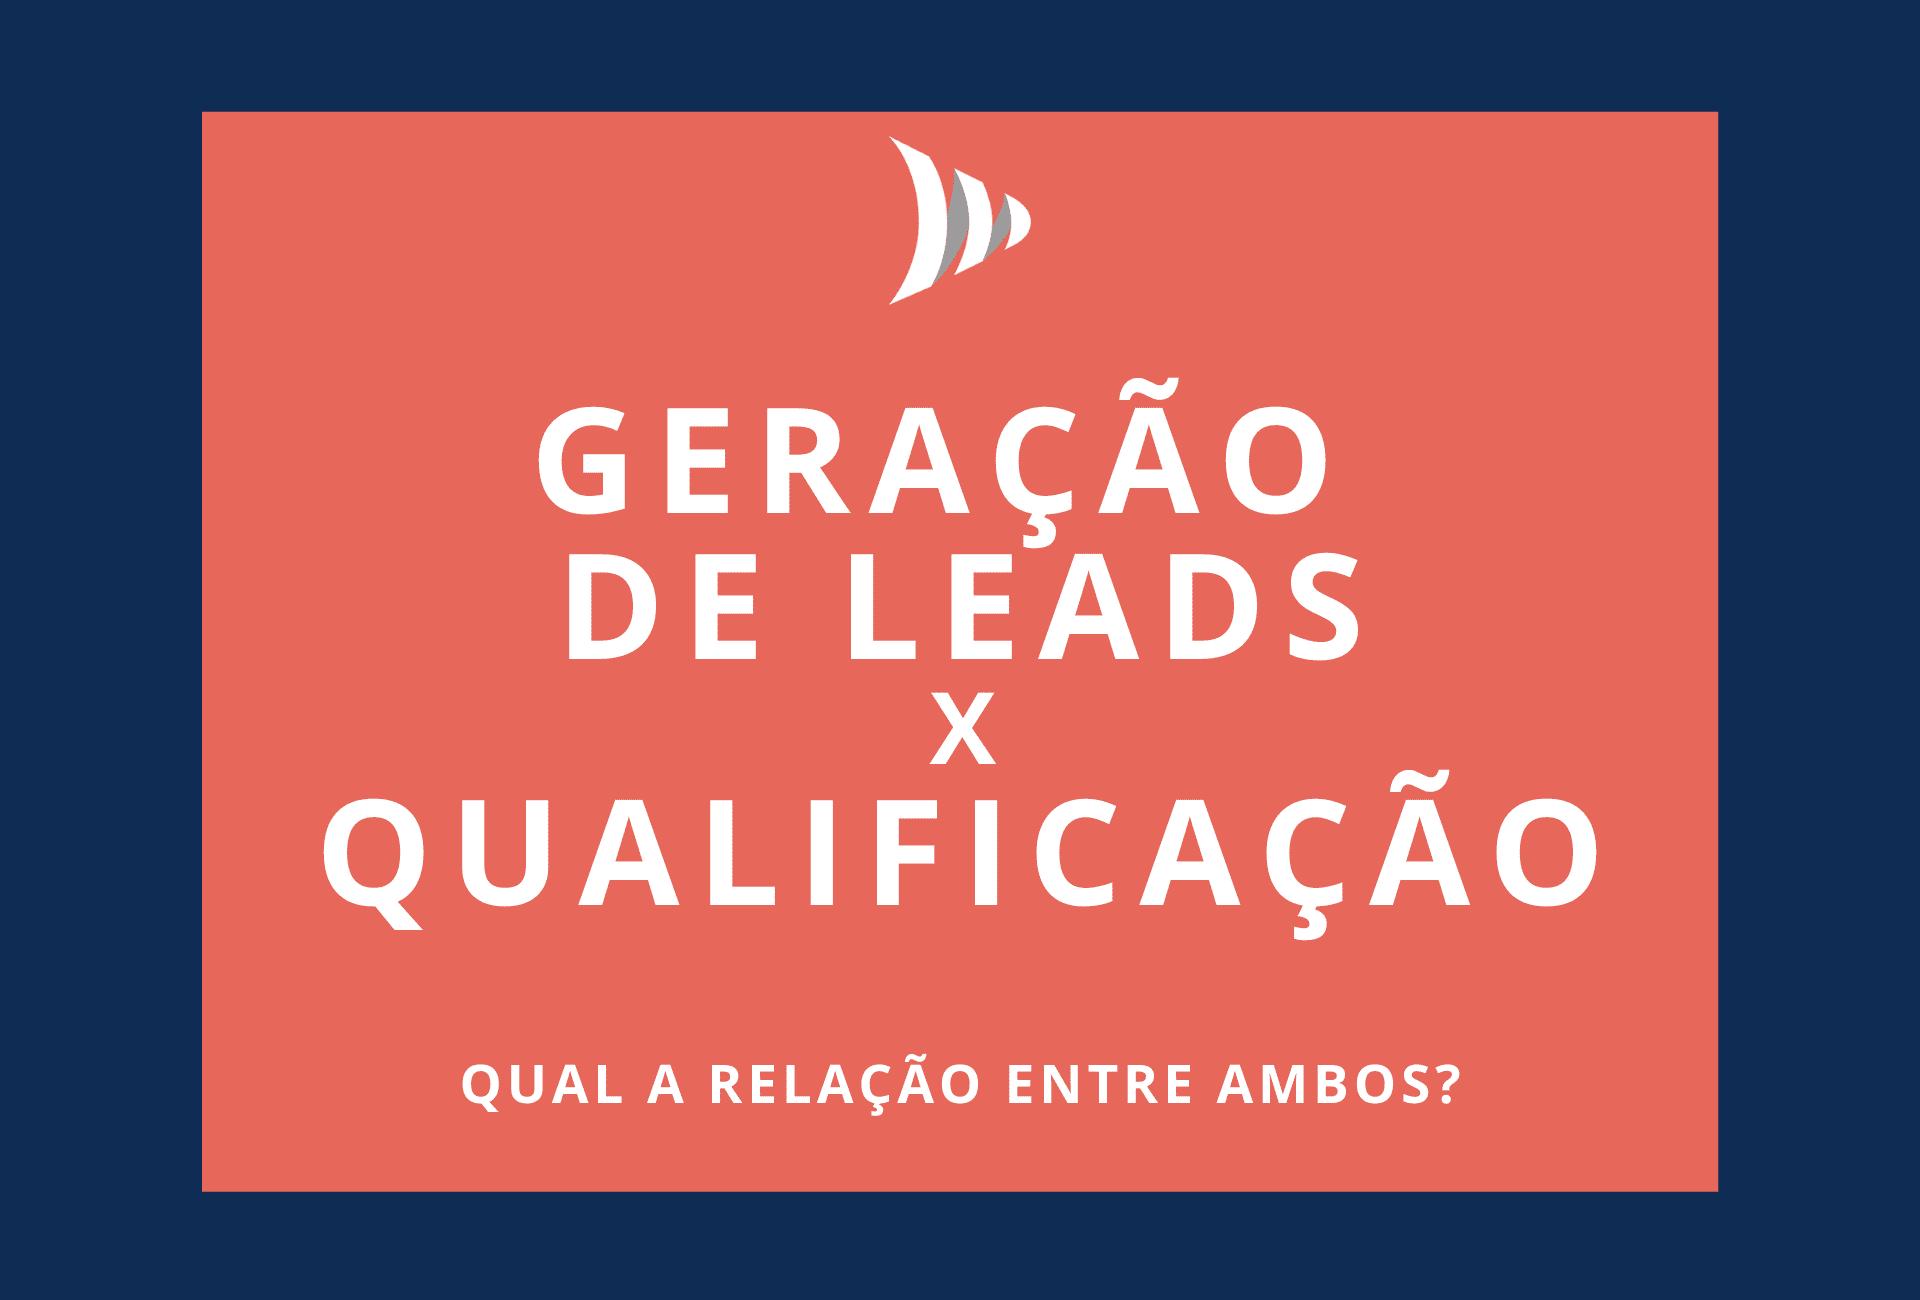 Geração de Leads Qualificação